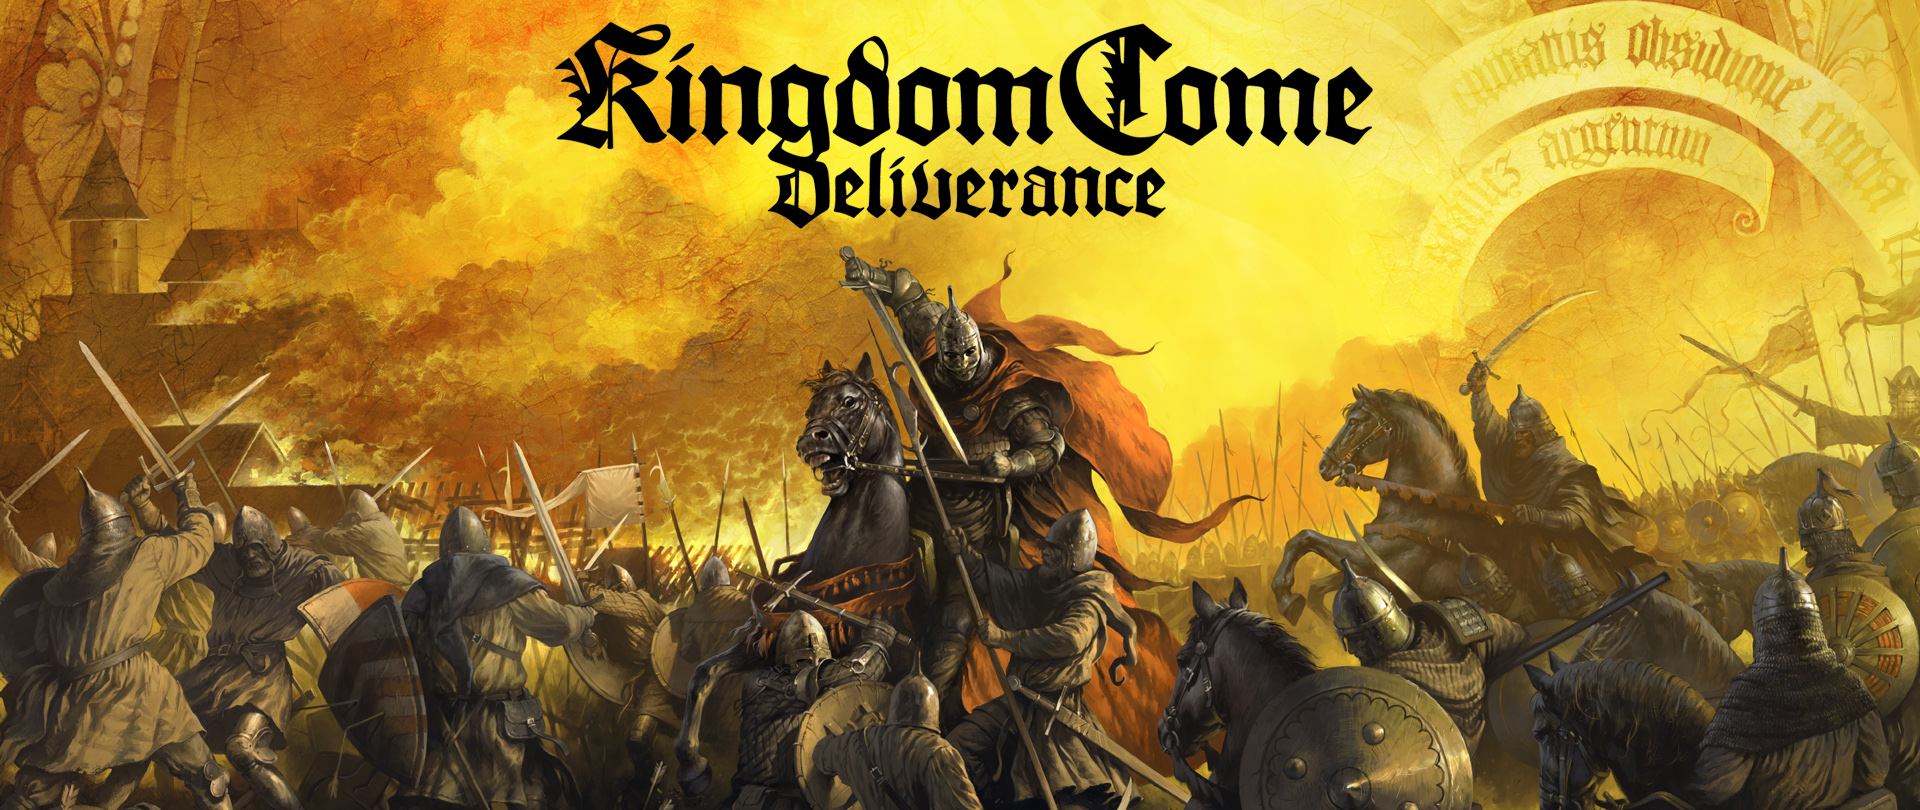 Kingdom Come Deliverance : Les ambitions d'un RPG unique